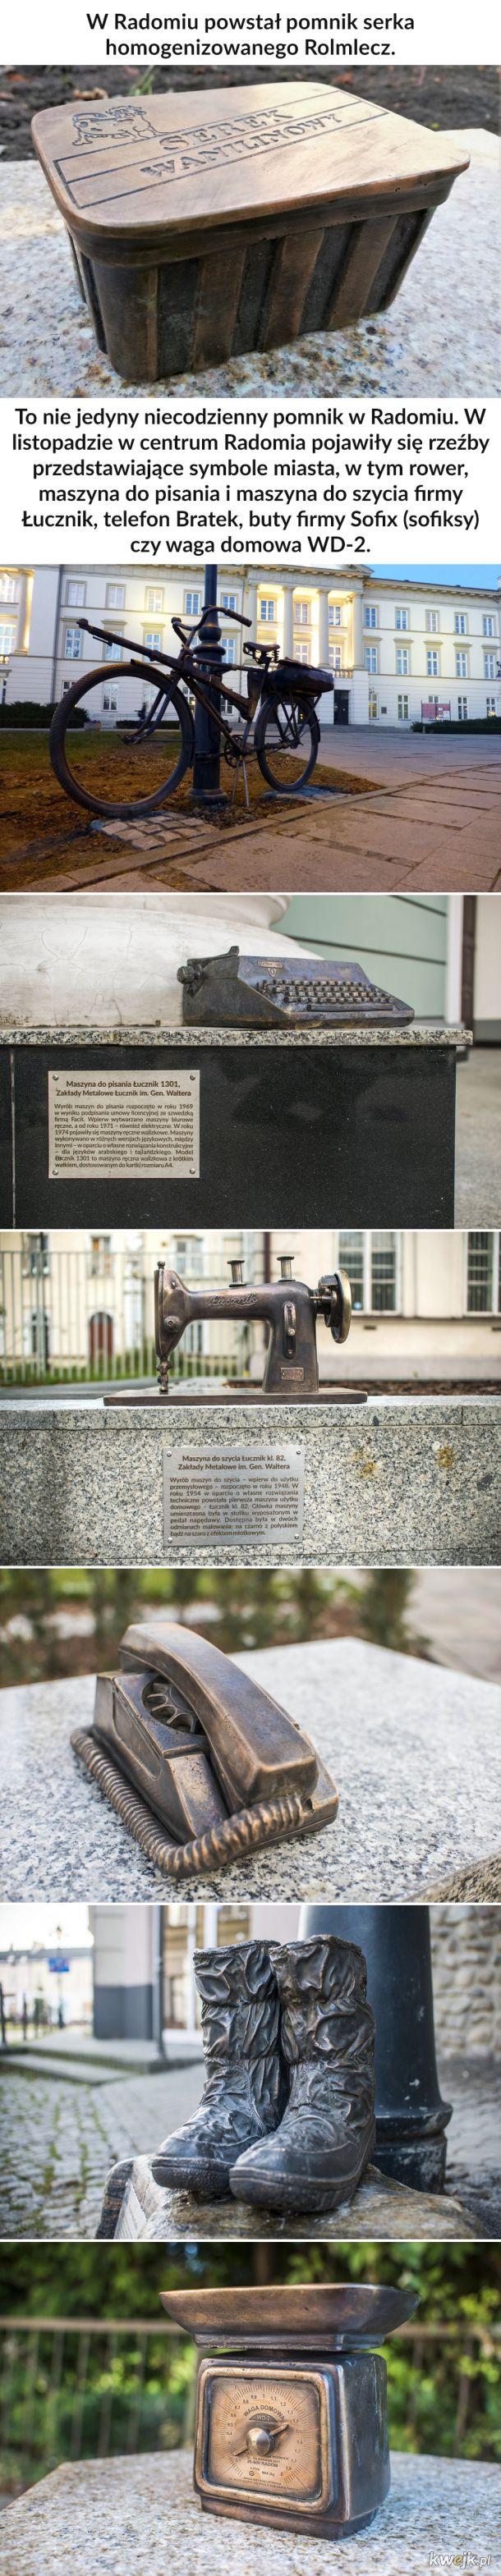 Pomniki w Radomiu